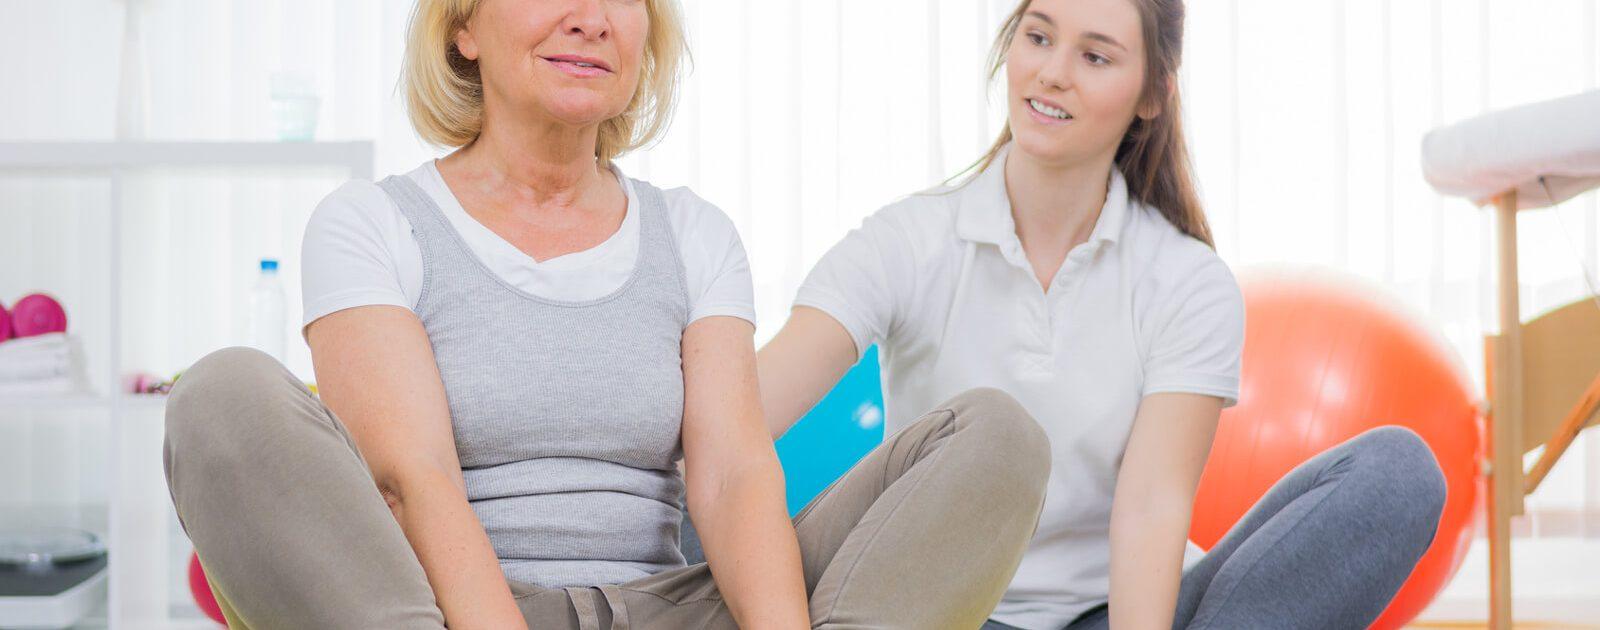 Eine ältere Frau bei der Ergotherapie: In der Ergotherapie lernen Menschen mit körperlichen Einschränkungen wieder selbstständig zu werden.